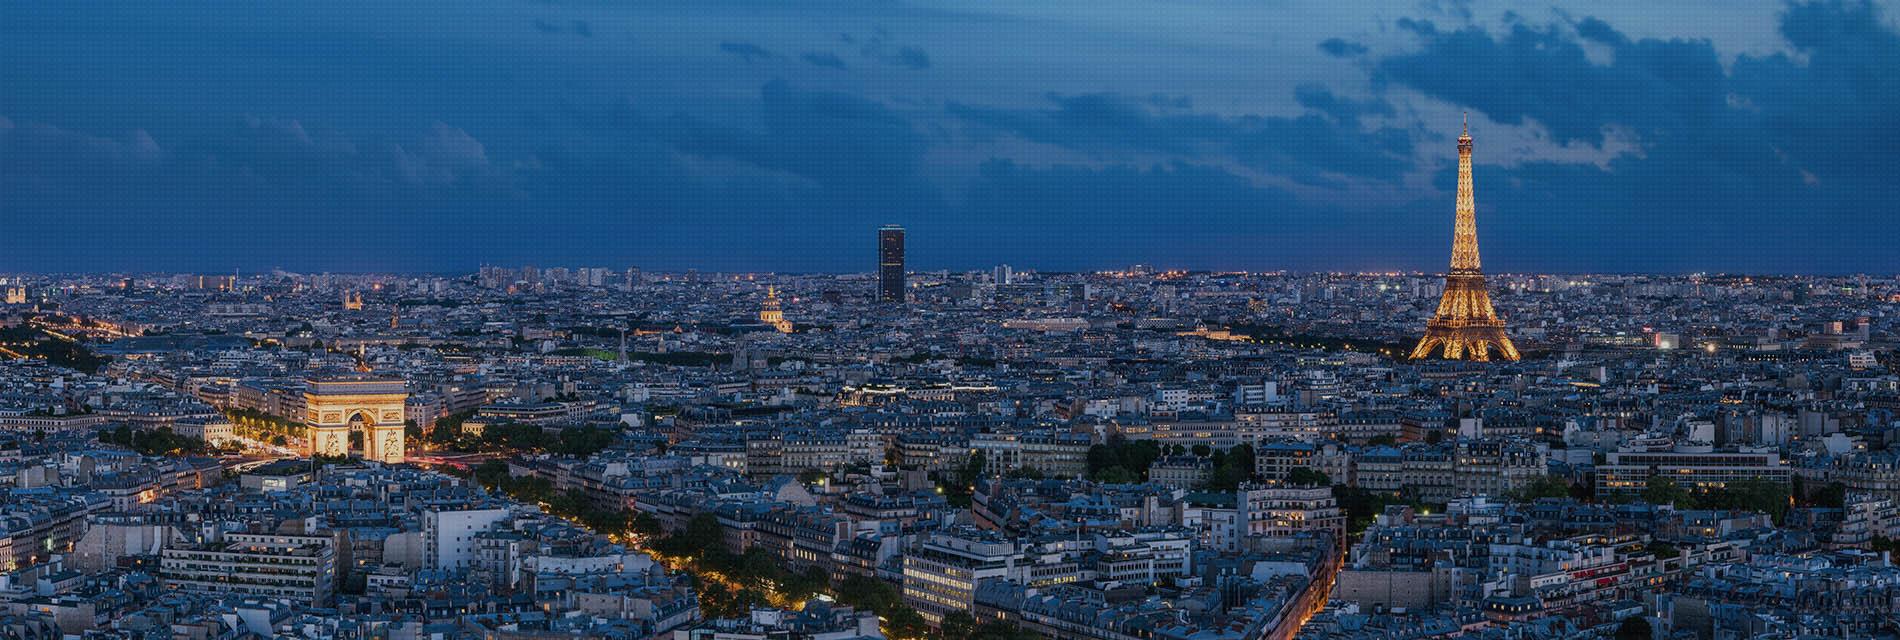 Votre chauffeur vtc à Paris dès 20€